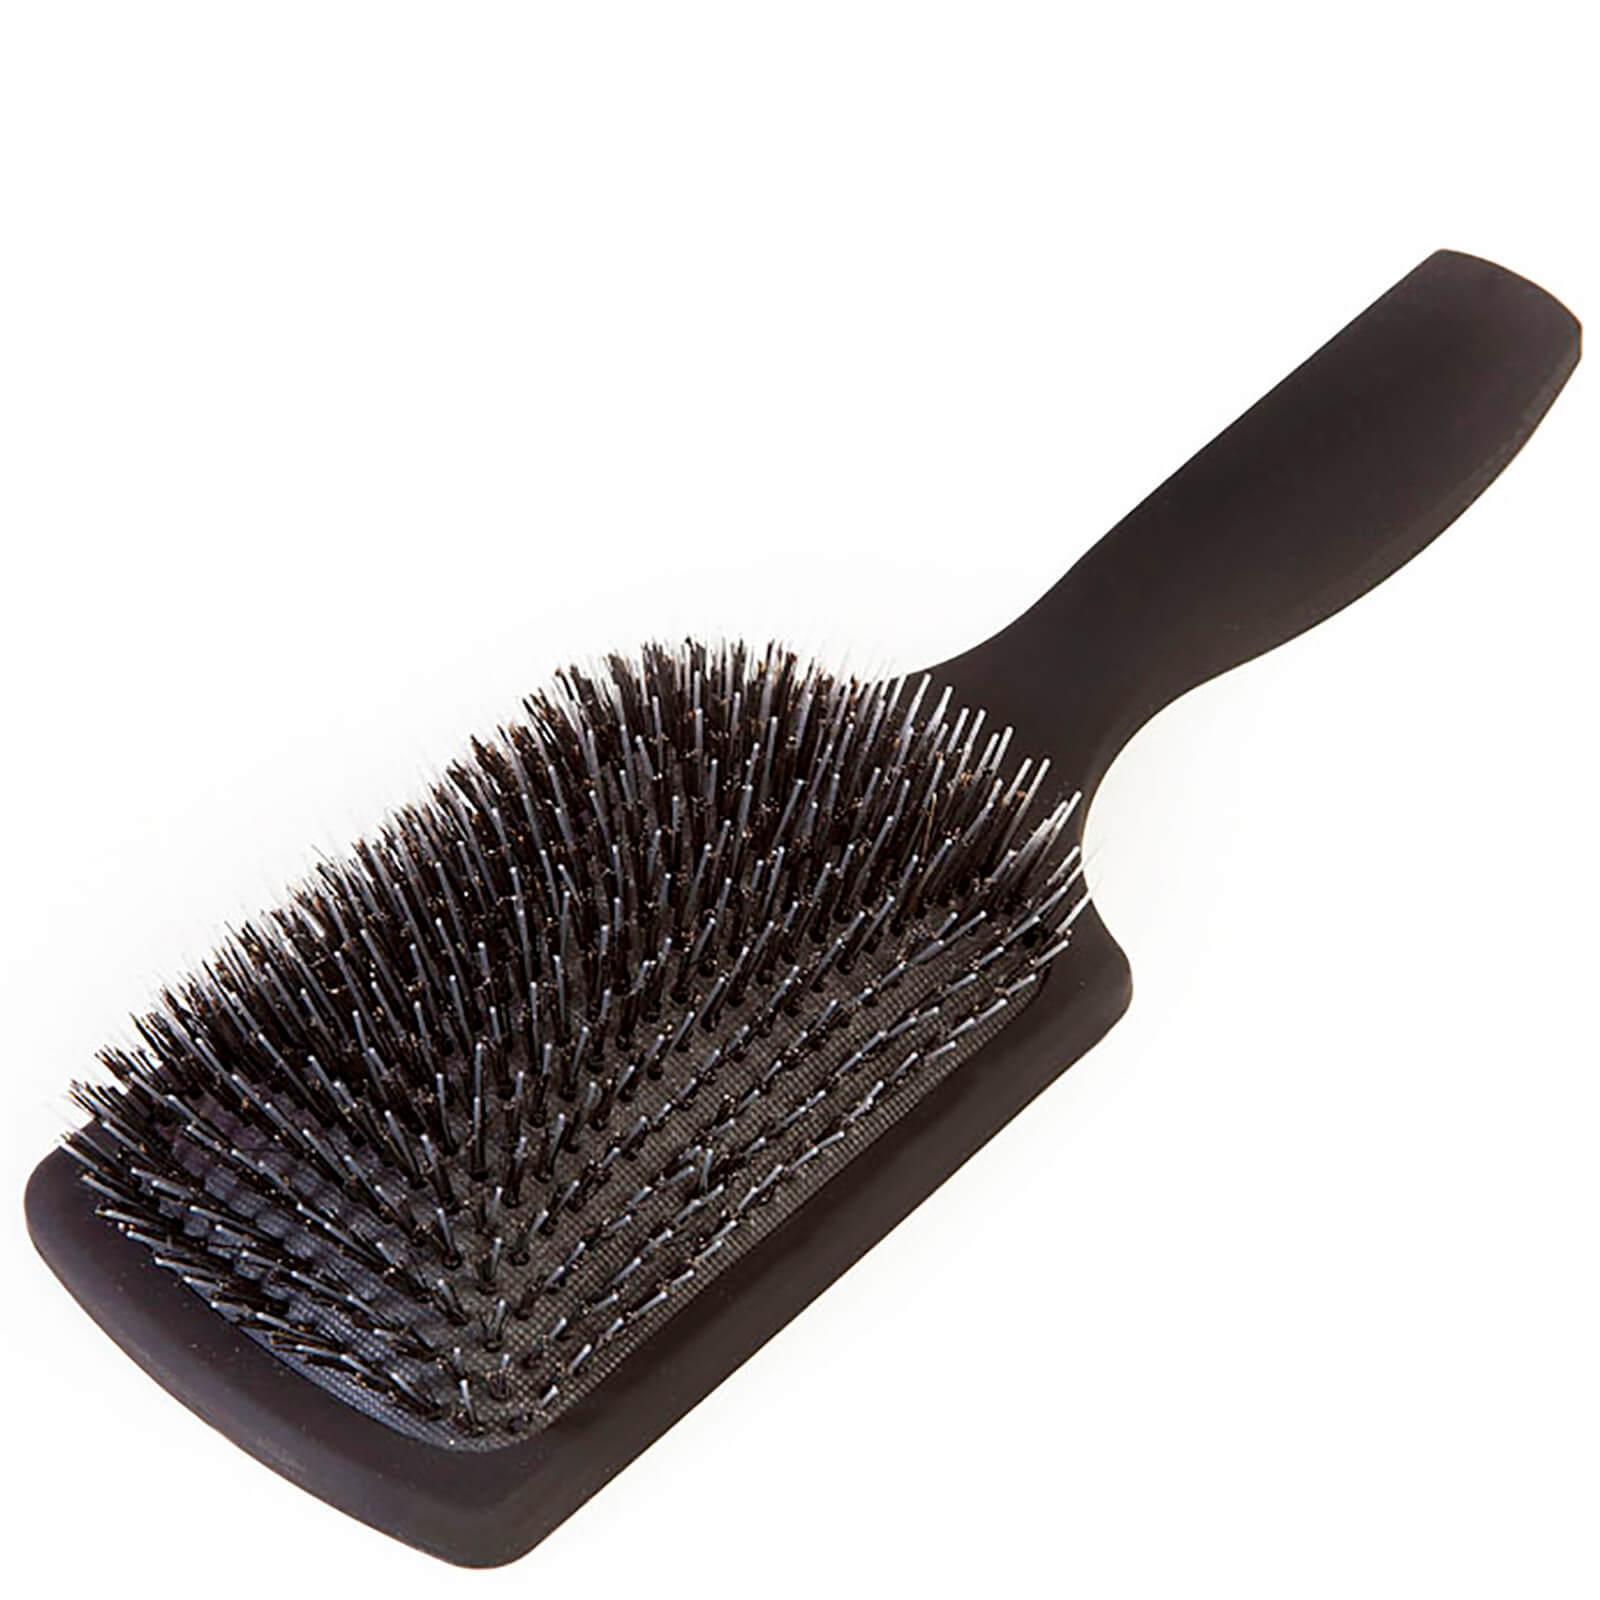 Beauty Works Large Paddle Brush